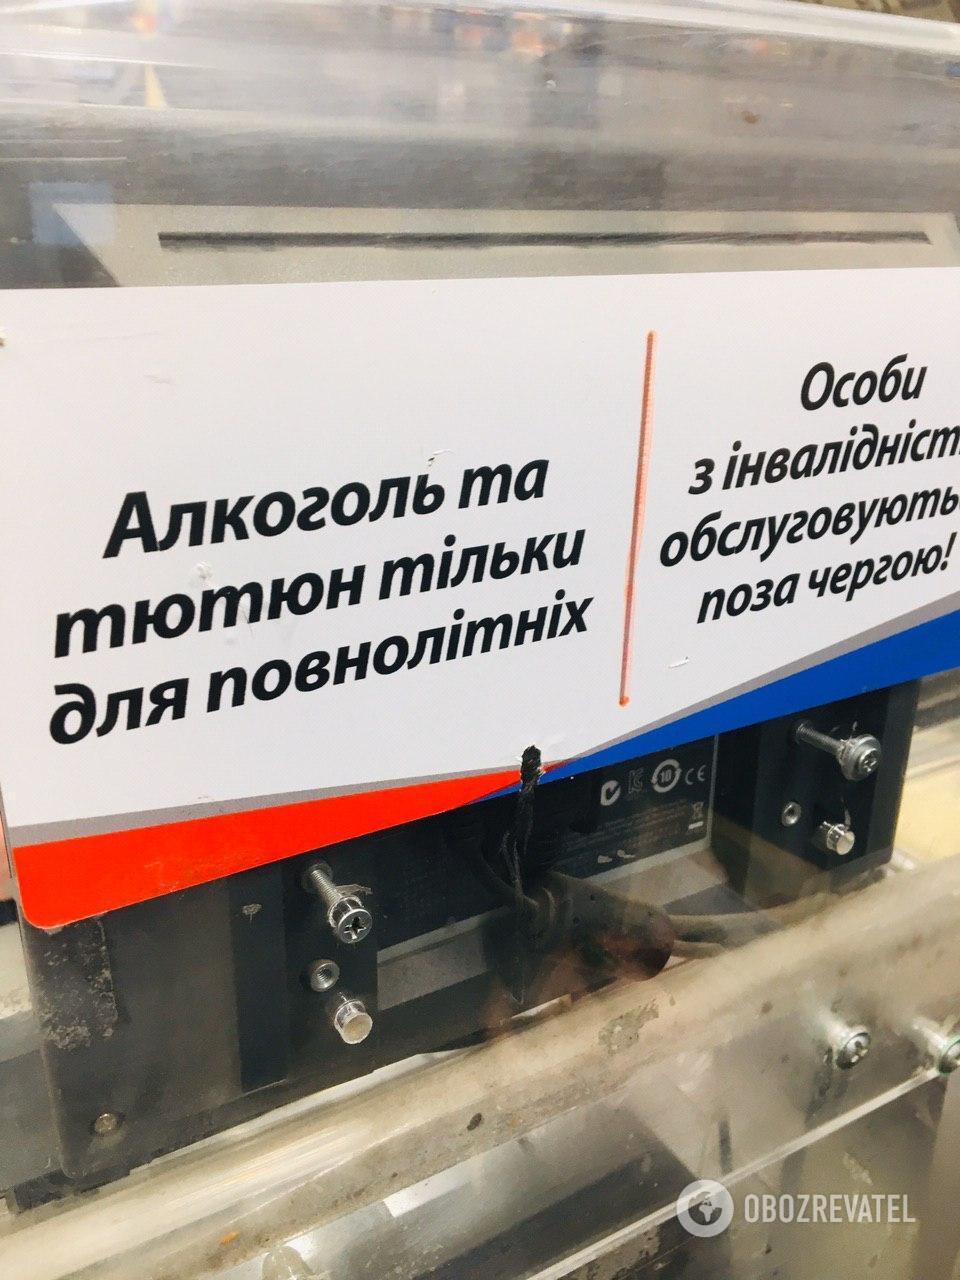 Продадут ли сигареты и алкоголь несовершеннолетним в Днепре. Афиша Днепра